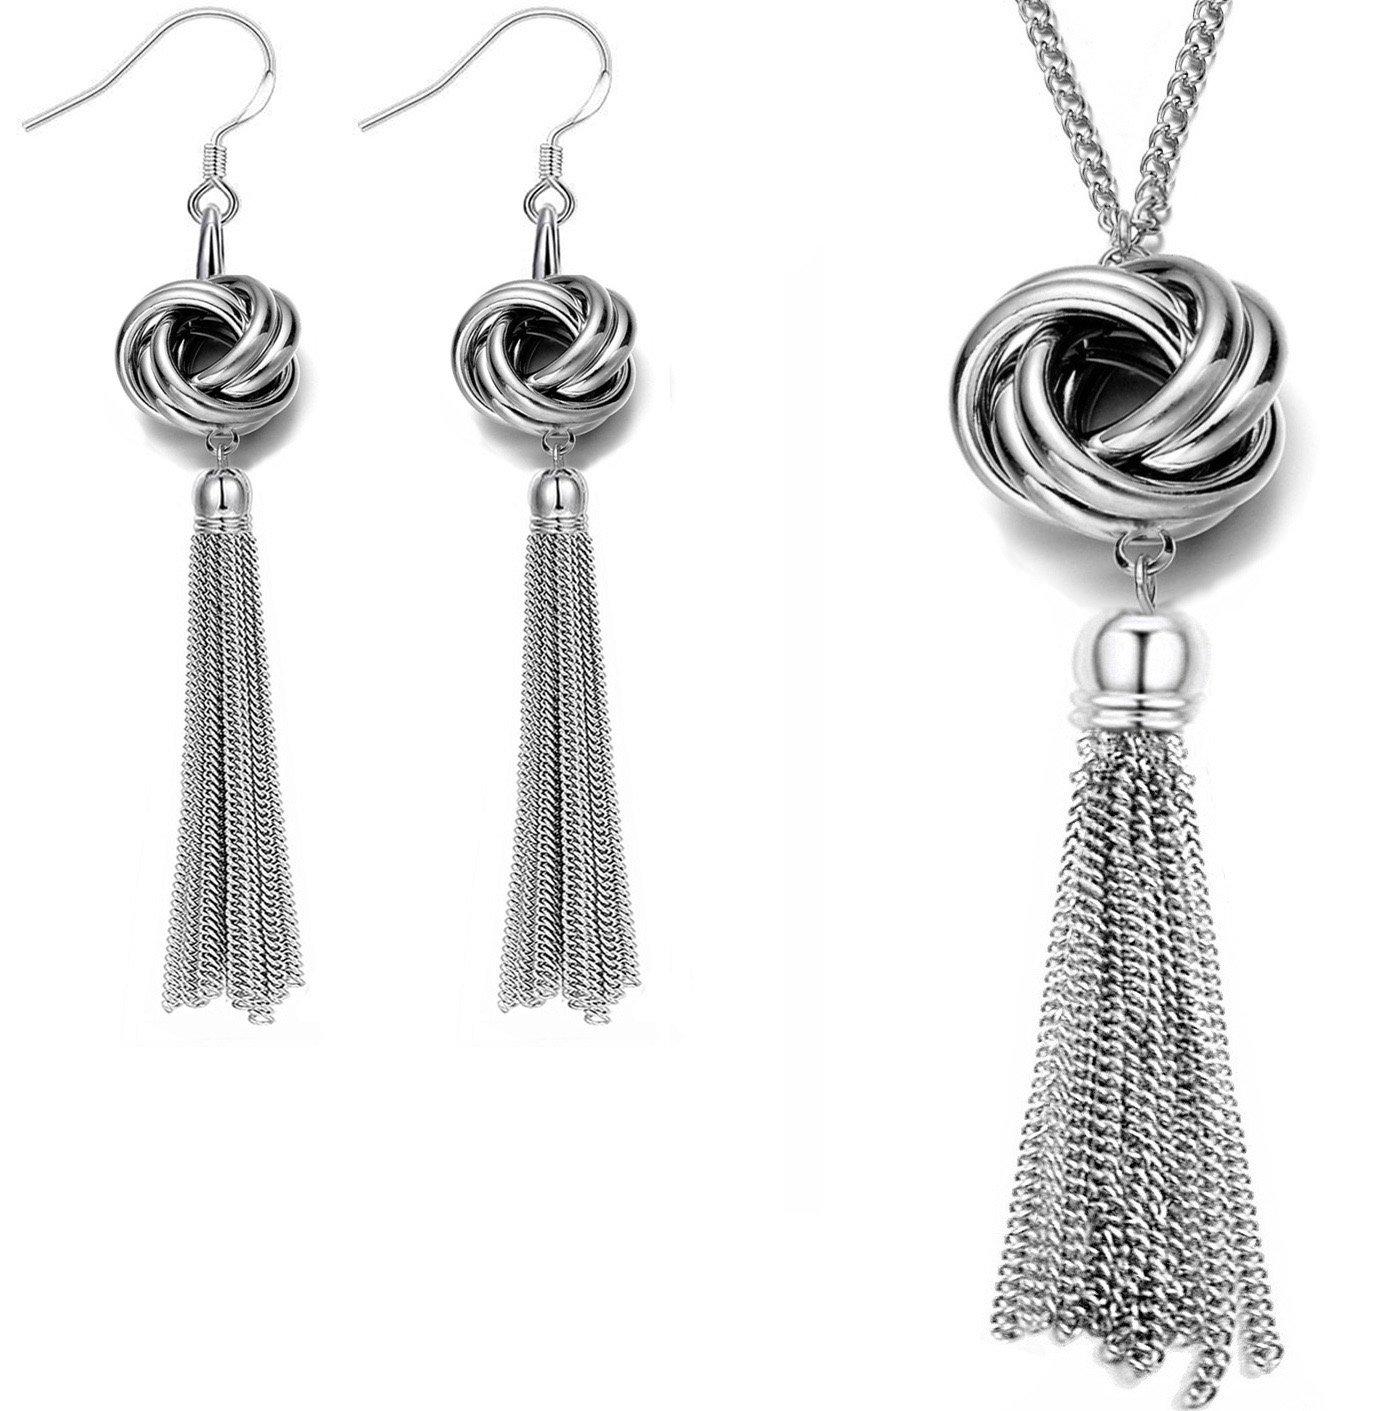 Set Necklace and Earrings Long Tassel Knot Pendant Drop Dangle Earrings Set Wedding Jewelry For Women